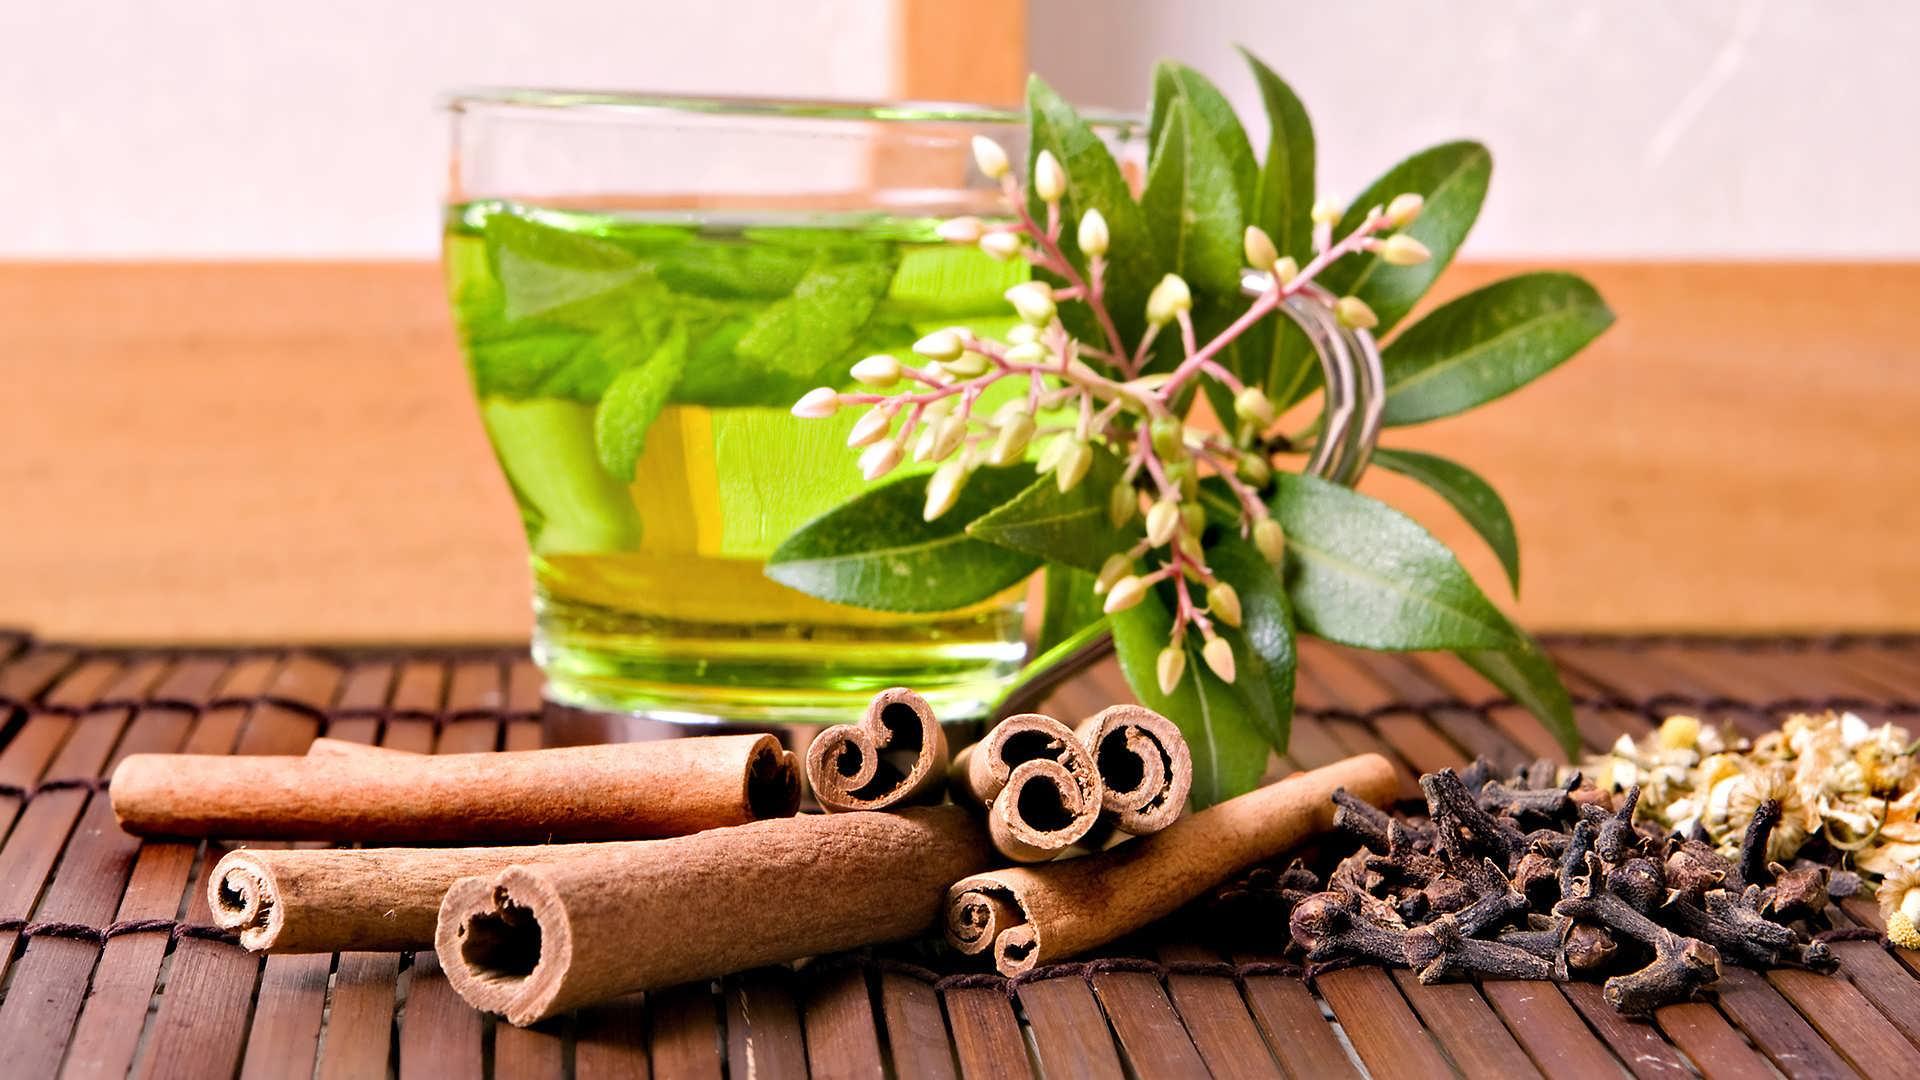 دمنوش دارچین و چای سبز مناسب لاغری